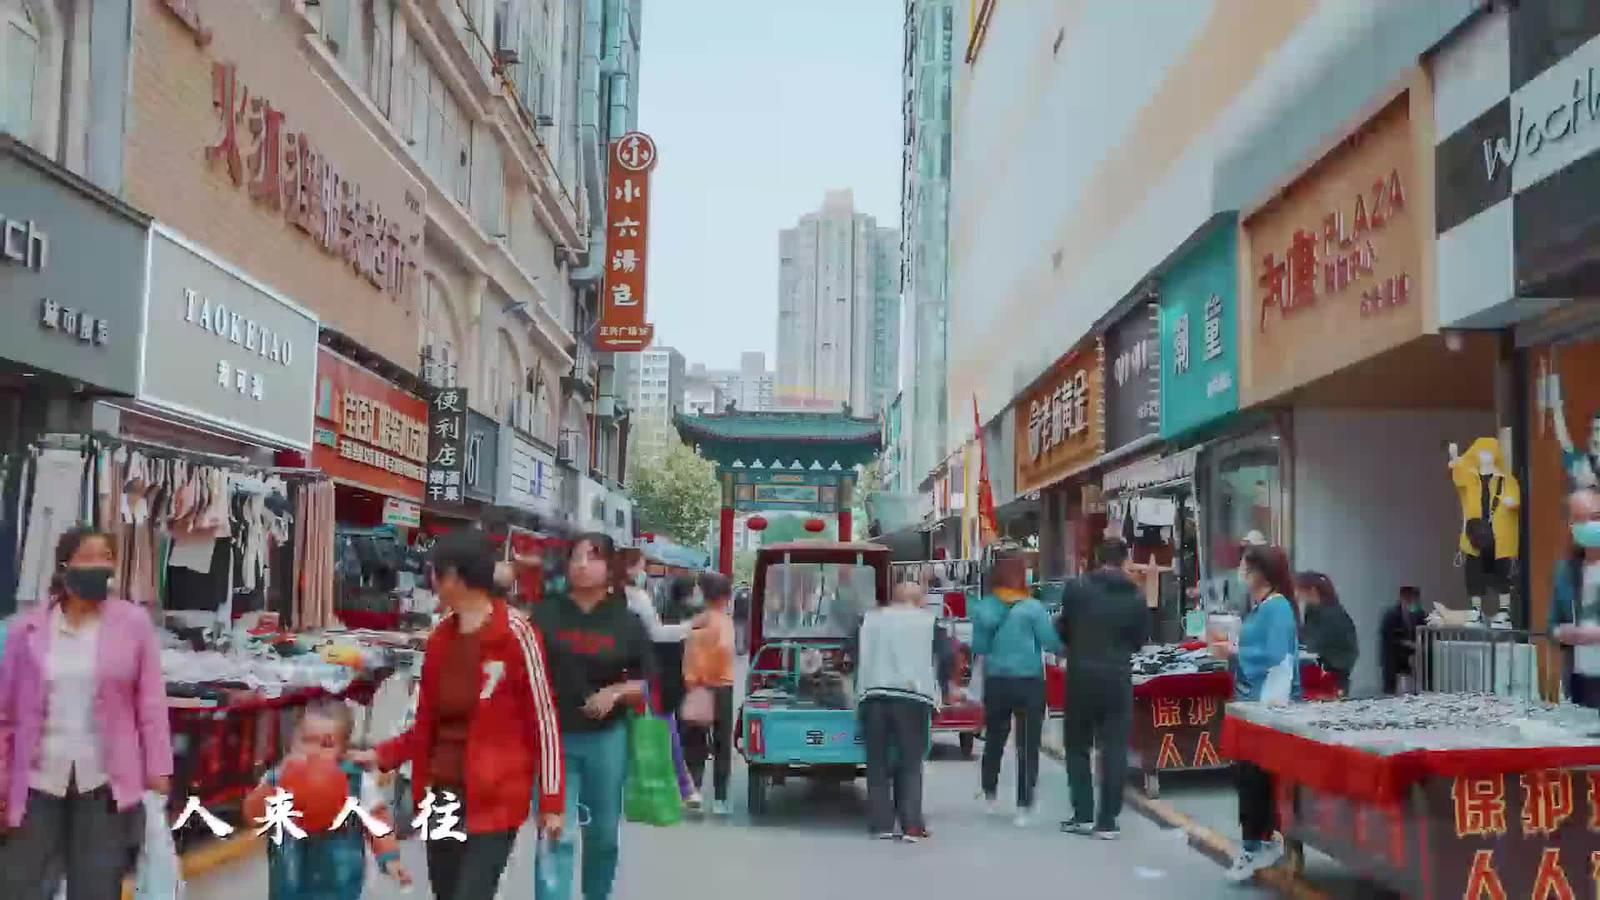 【看咸陽·精彩視頻】咸陽擺攤小哥原創MV《練攤兒》